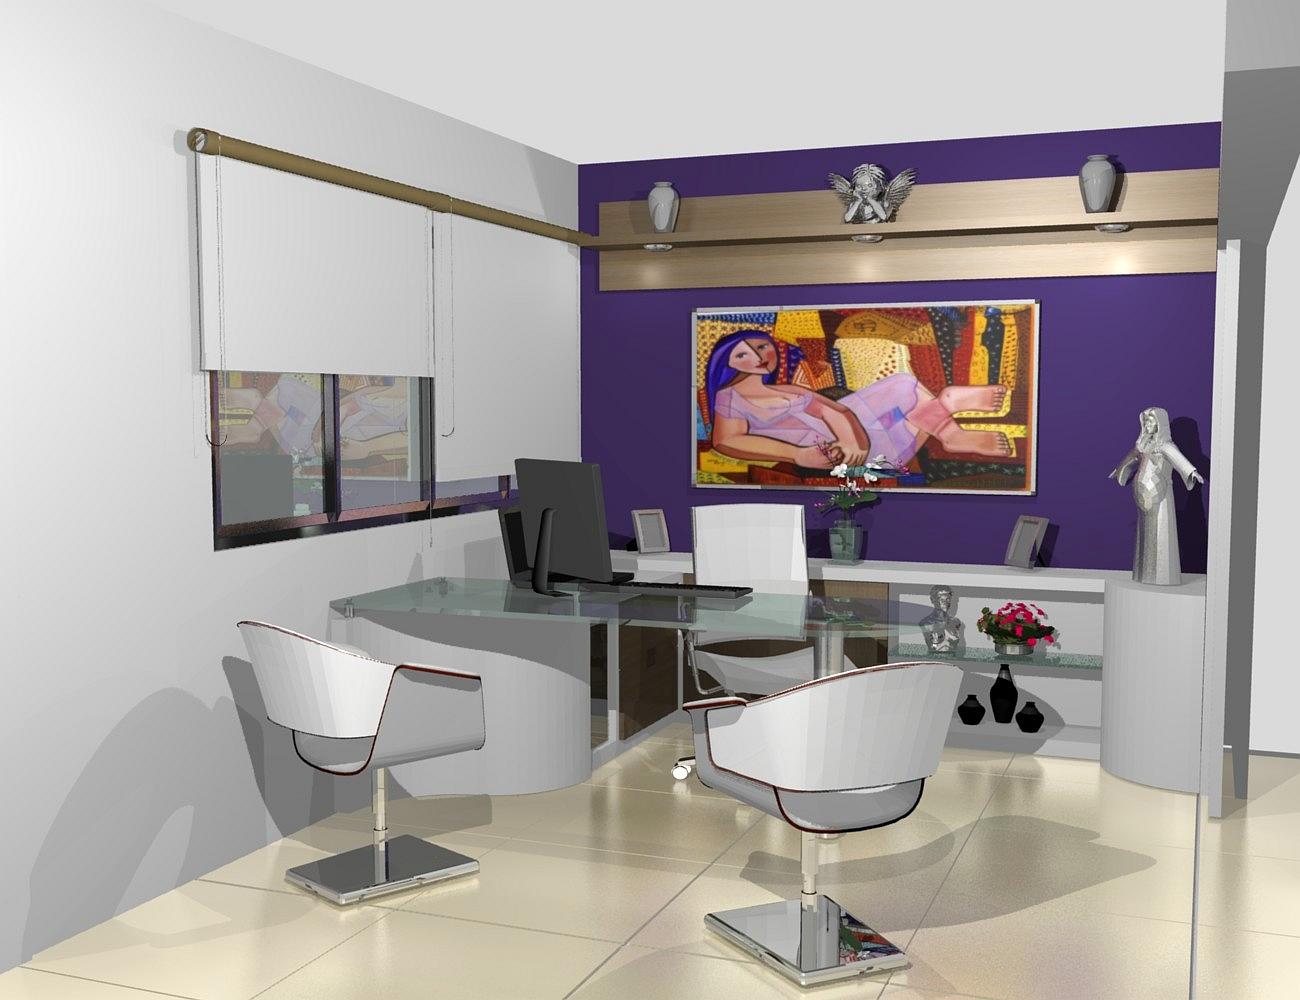 8616: DESIGN INTERIORES DESIGN MOVEIS PLANEJADOS DESIGN SALA DESIGN  #A27229 1300 1000